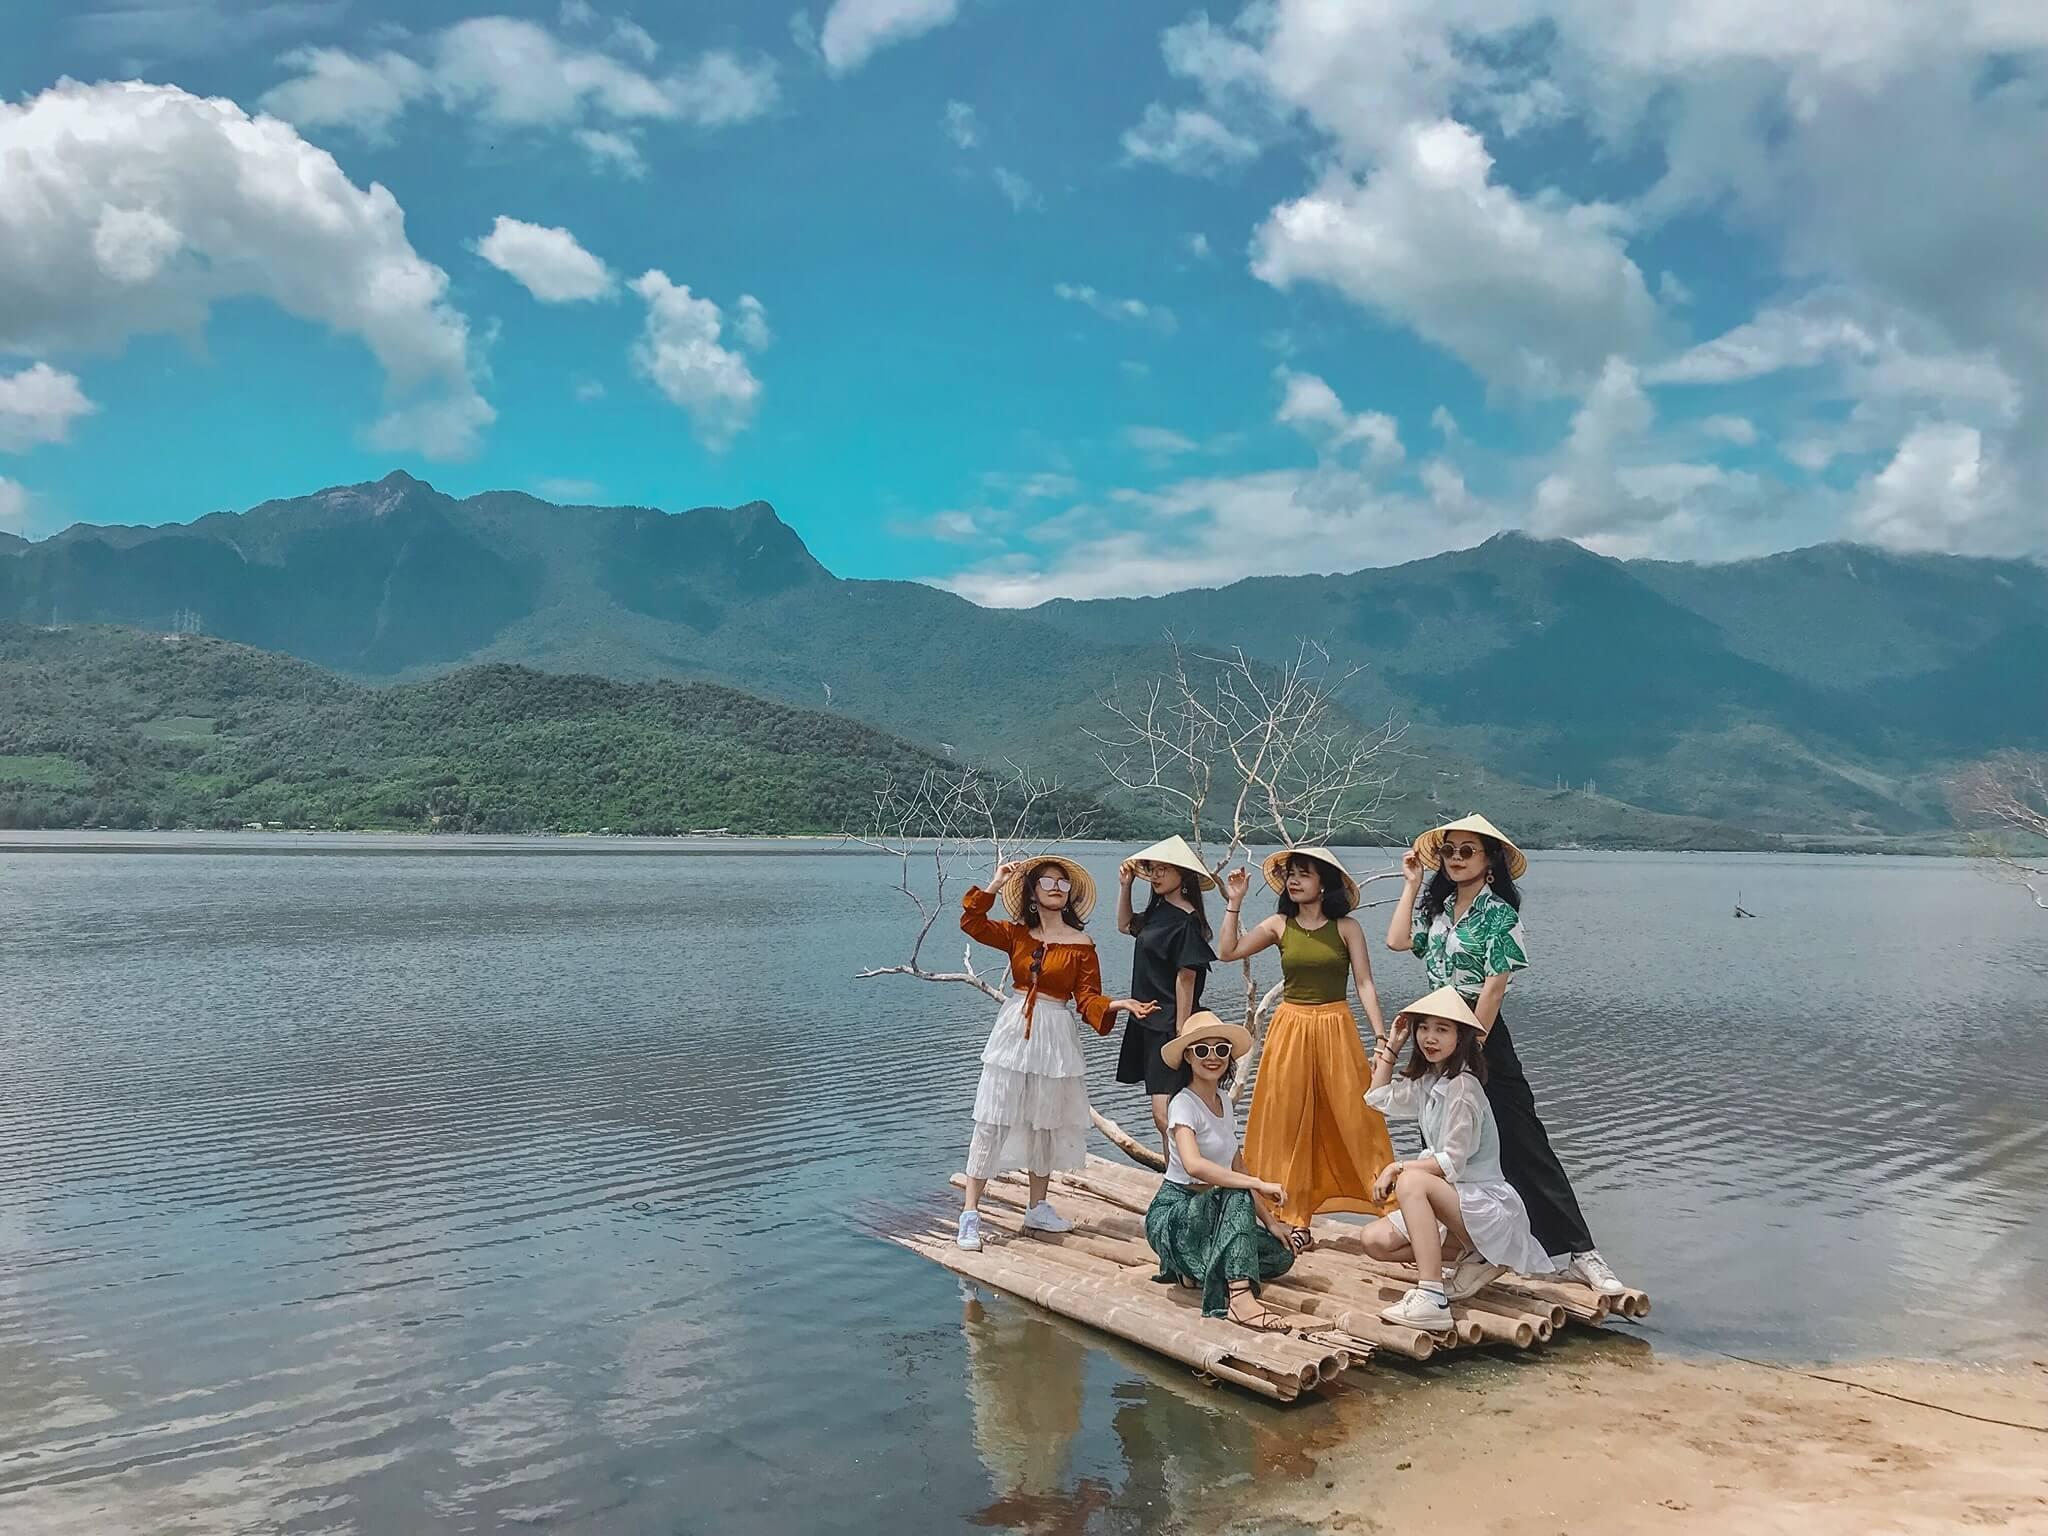 Dam Lap An Di Hue Da Nang Hoi An 4n5d Chi Voi 3 Trieu Tin Duoc Khong 03